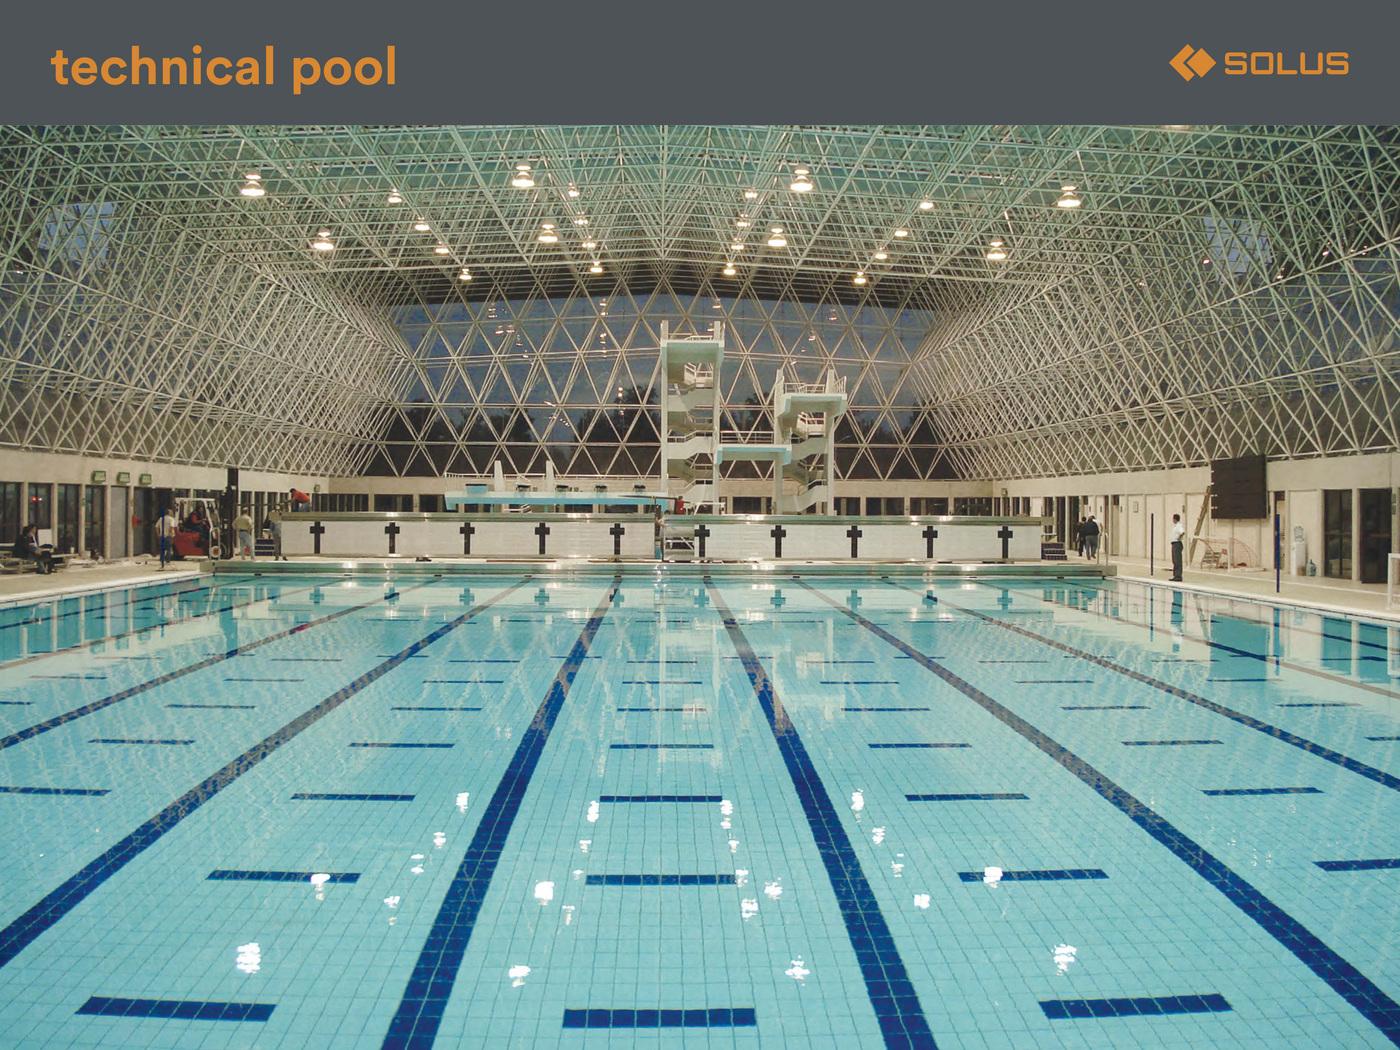 Lara-Jane van Antwerpen - Digital Brochure - Technical Pool 1